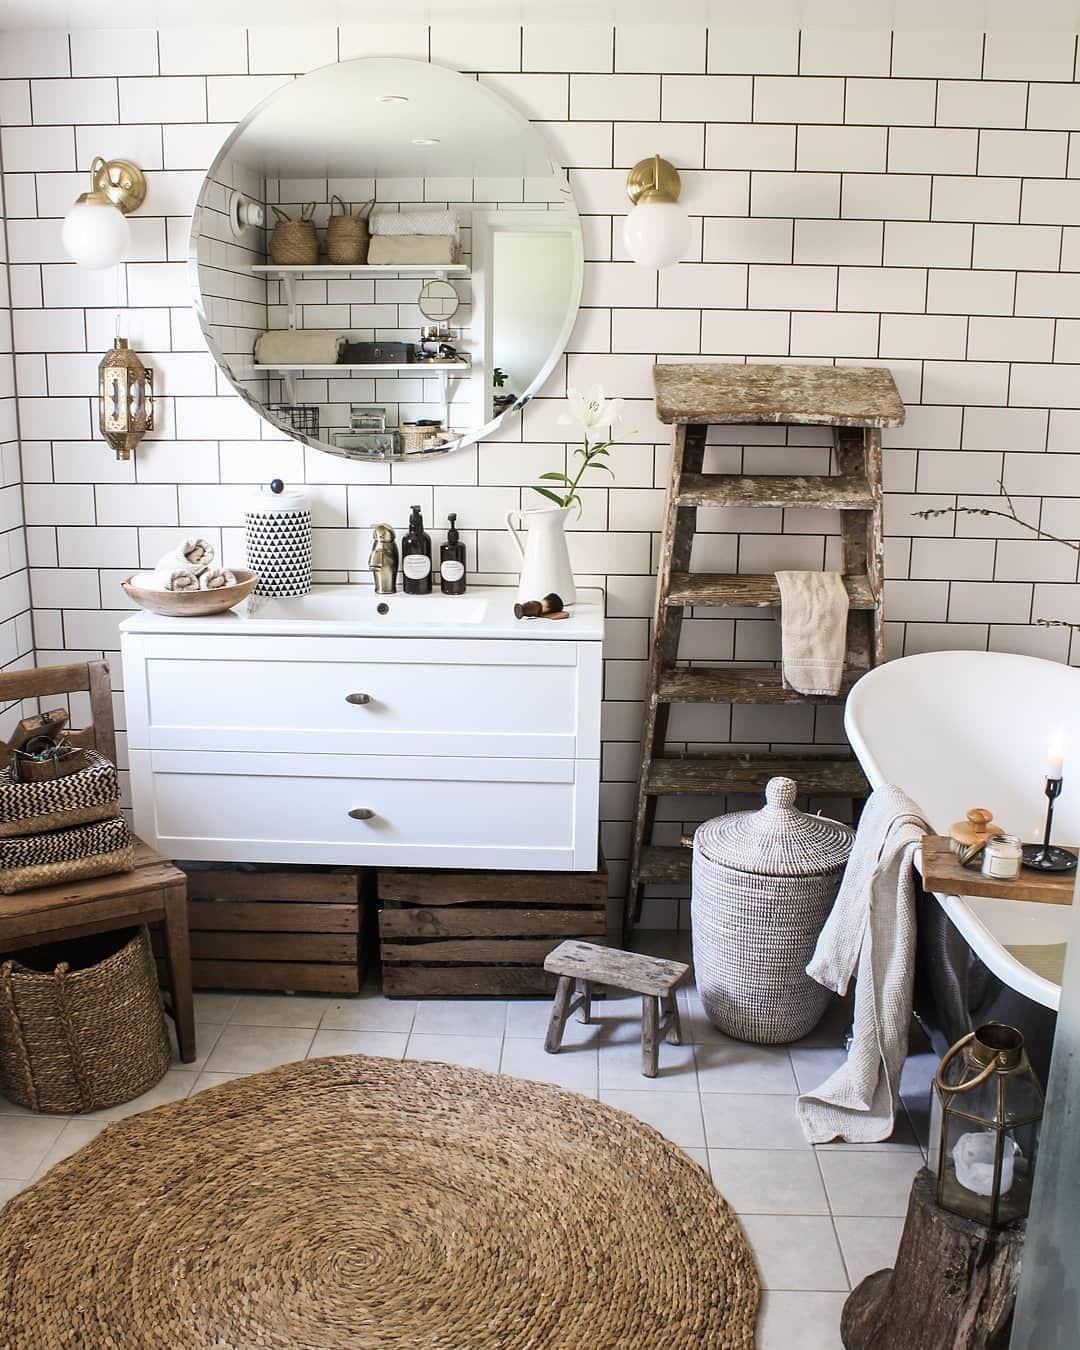 Bathroom Decor Bathroom Decor Ideas Small Bathroom Decor Ideas